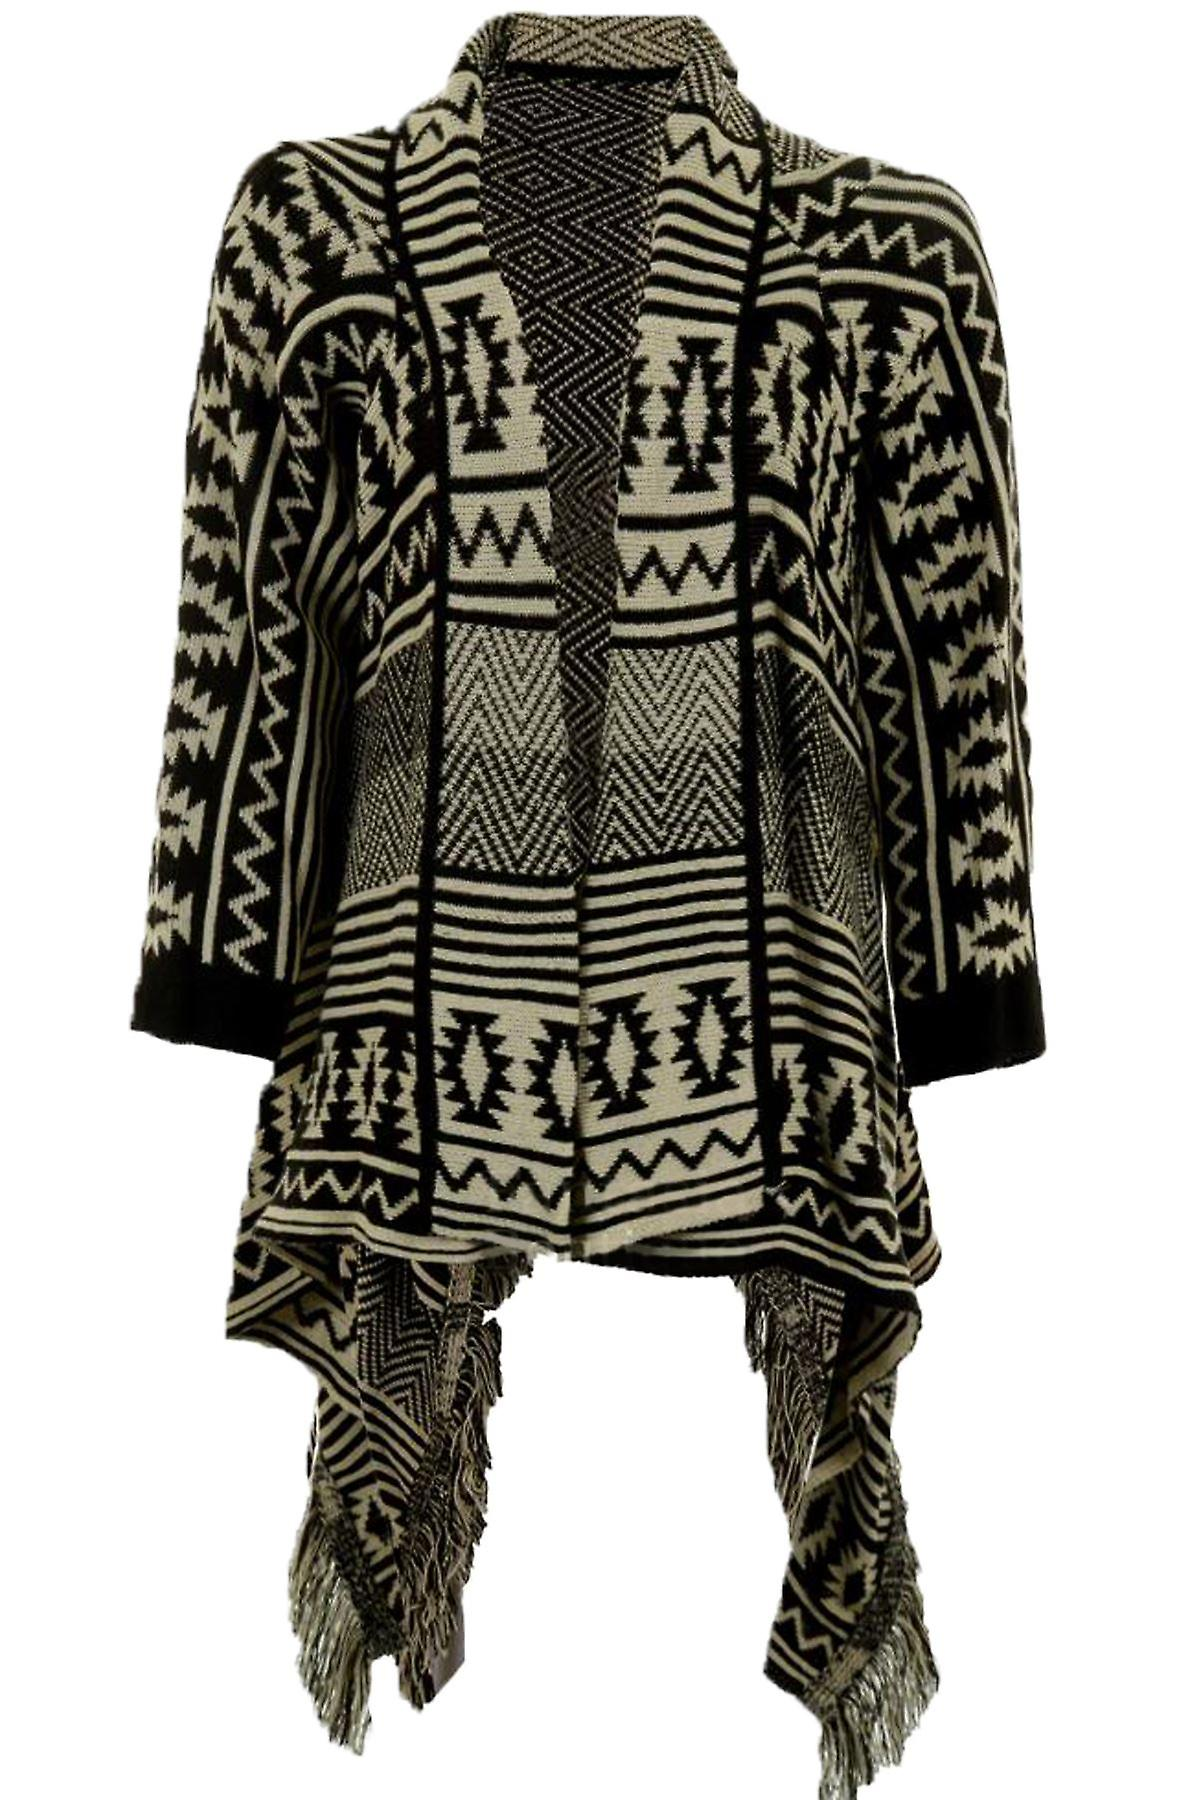 Naisten pitkähihainen Aztec raita Tassled lämmin ylimitoitettu Naisten Cardigan